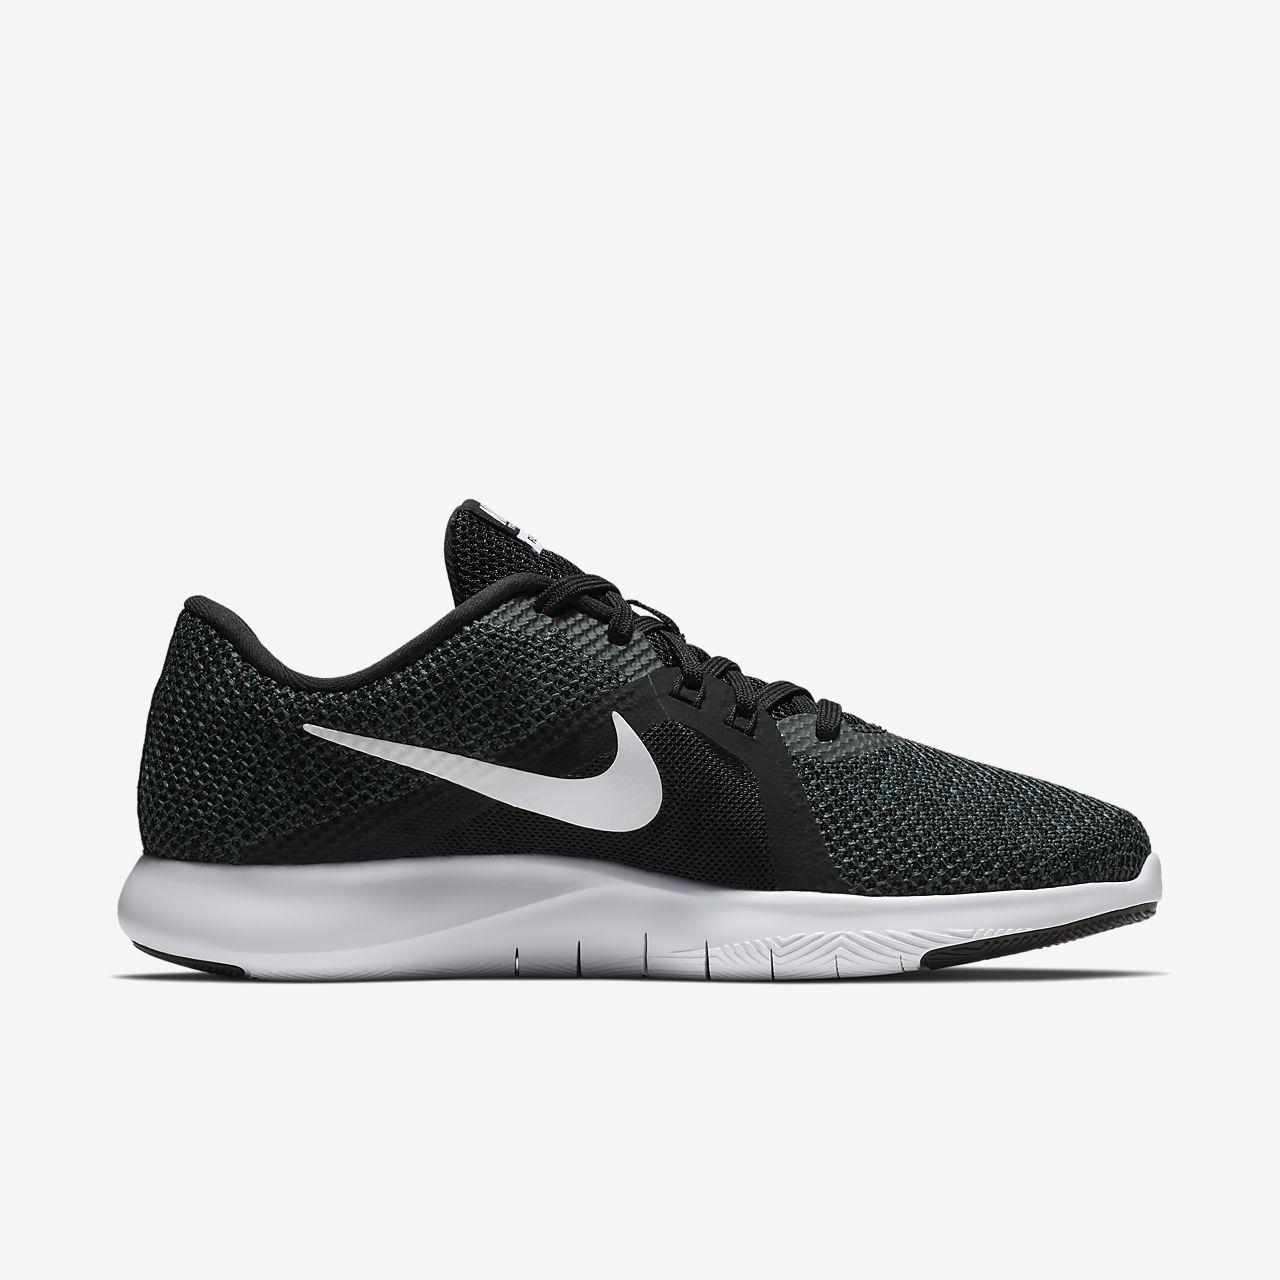 Nike WMNS NIKE FLEX TRAINER 5 Női training cipő training